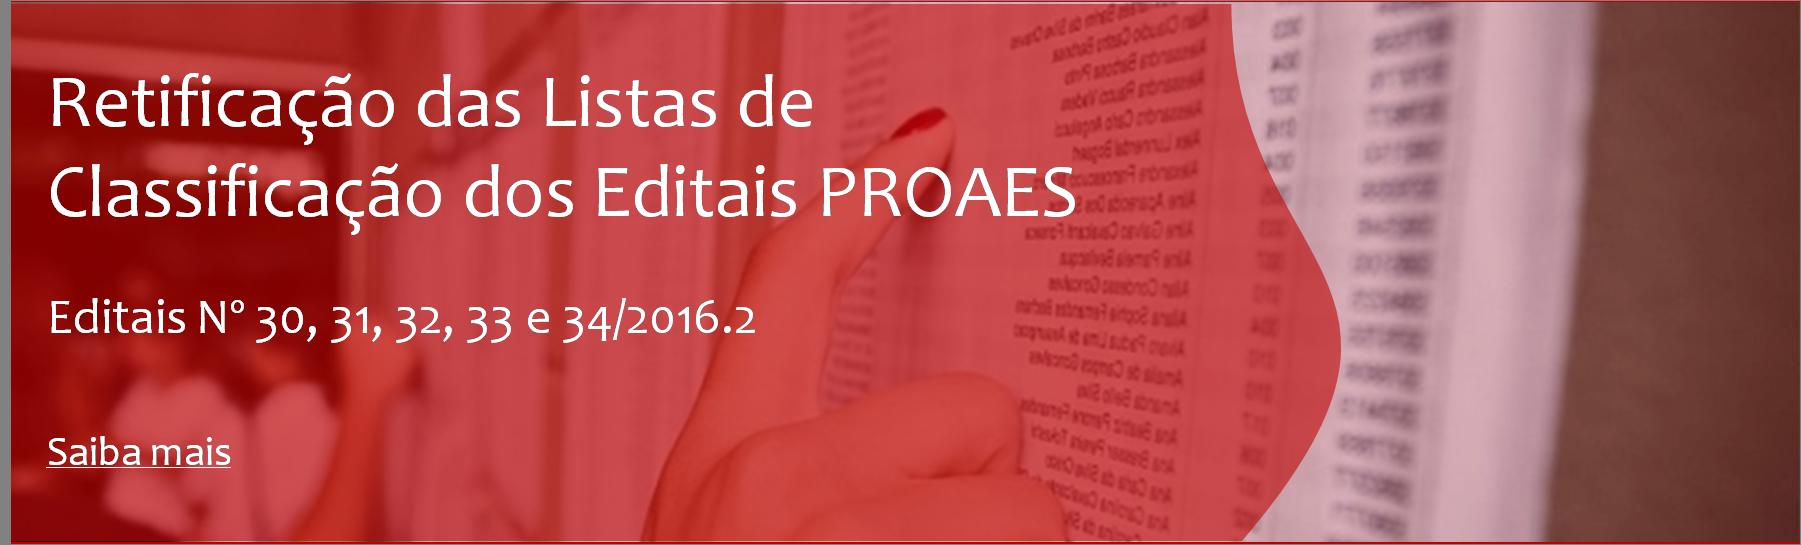 Retificação das Listas de Classificação dos Editais PROAES Nº 30, 31, 32, 33 e 34/2016.2